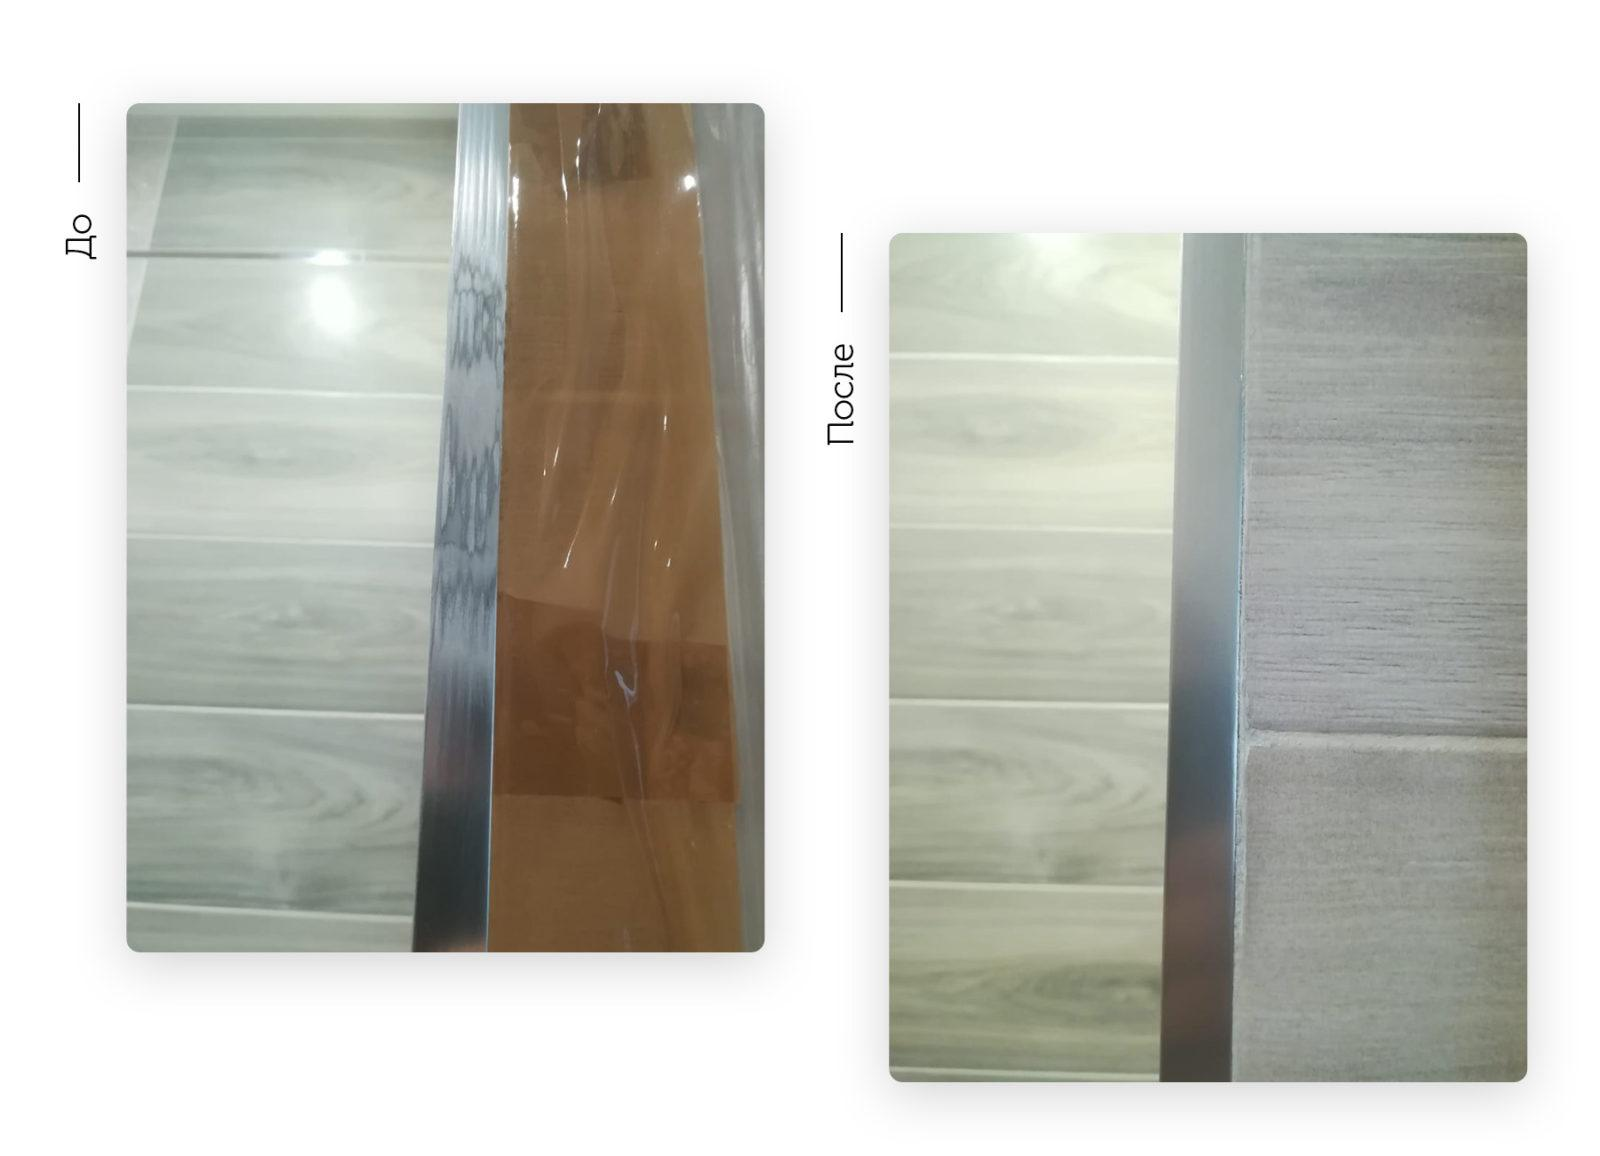 Железная декоративная вставка в ванной комнате